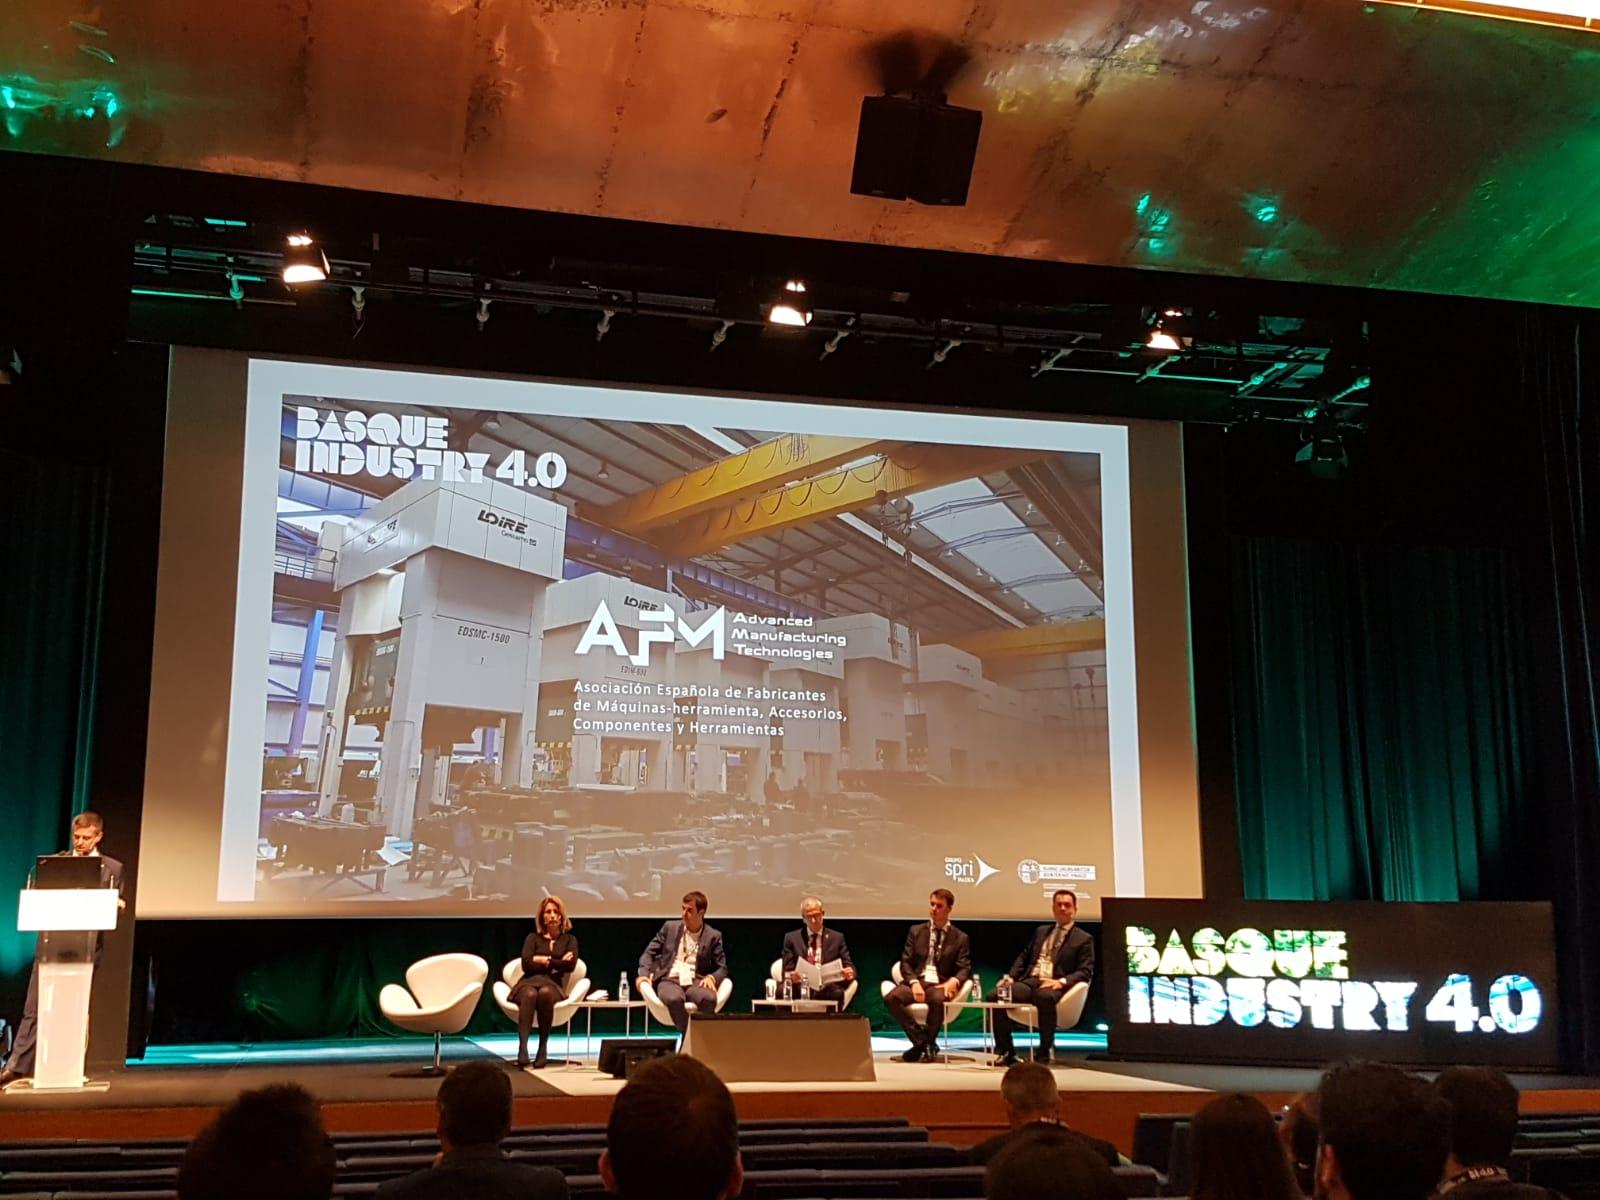 DANOBATGROUP participa en la quinta edición de Basque Industry 4.0